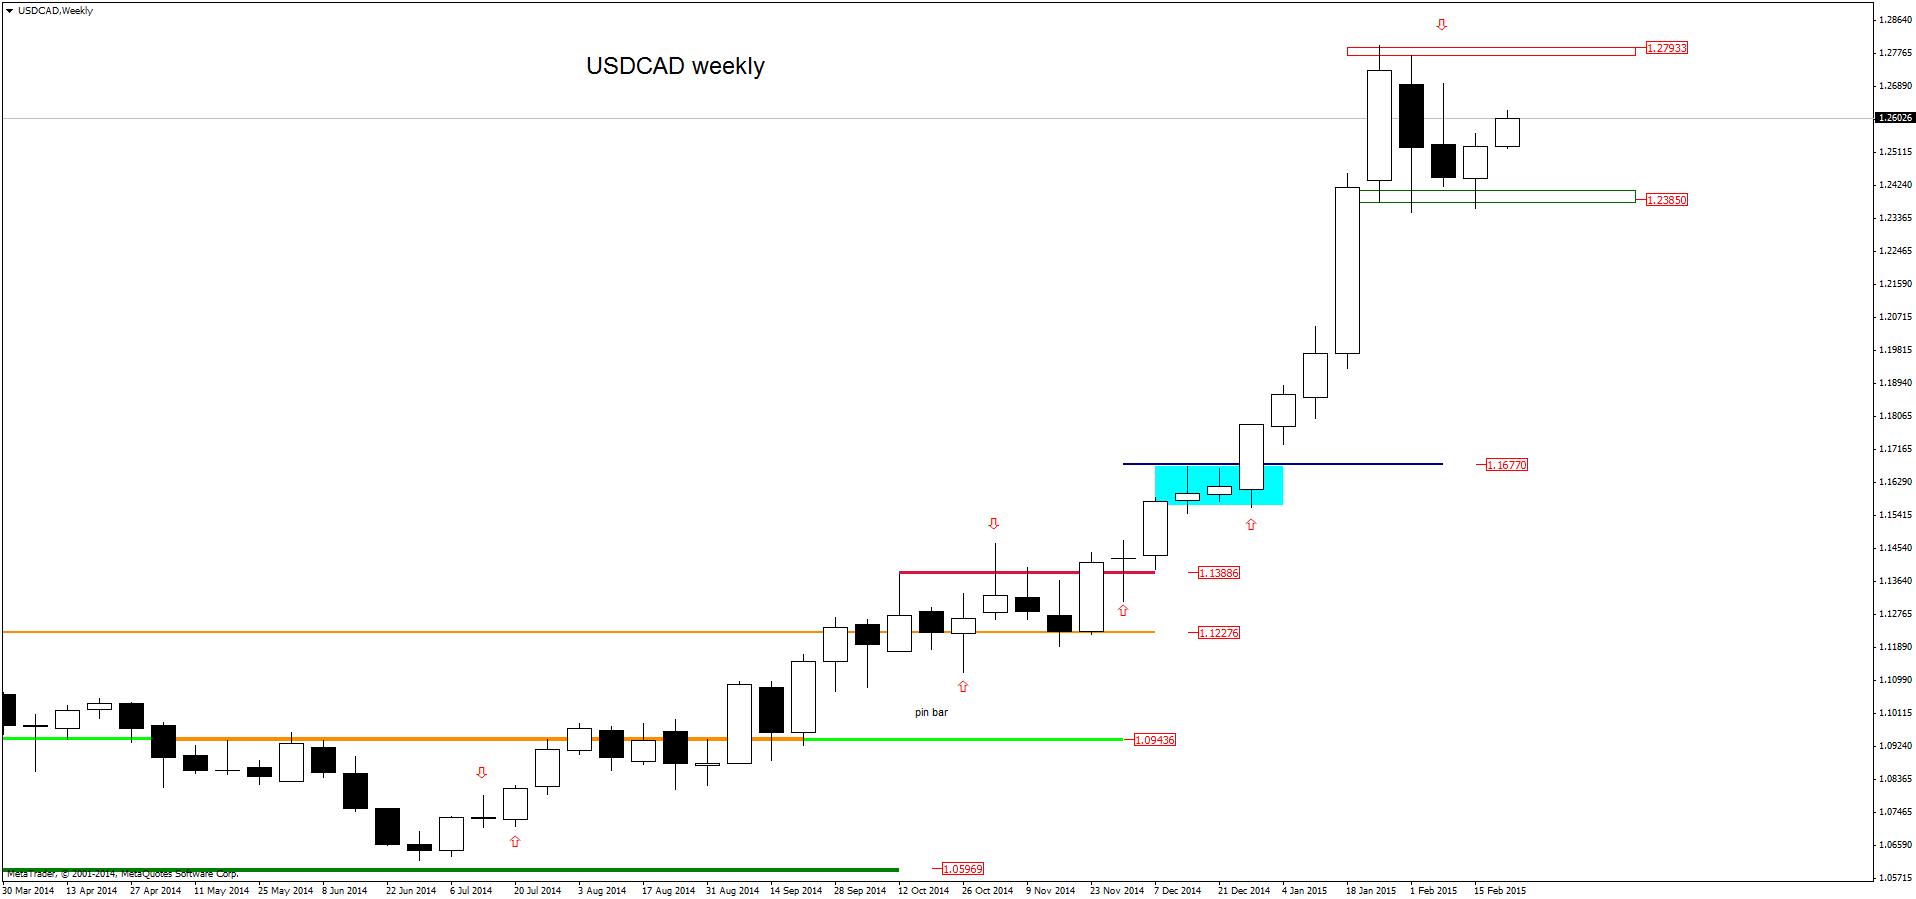 FXMAG forex w poszukiwaniu anatomii konsolidacji usdjpy dolar amerykański jen japoński konsolidacja forex usd/cad usd/jpy price action 4